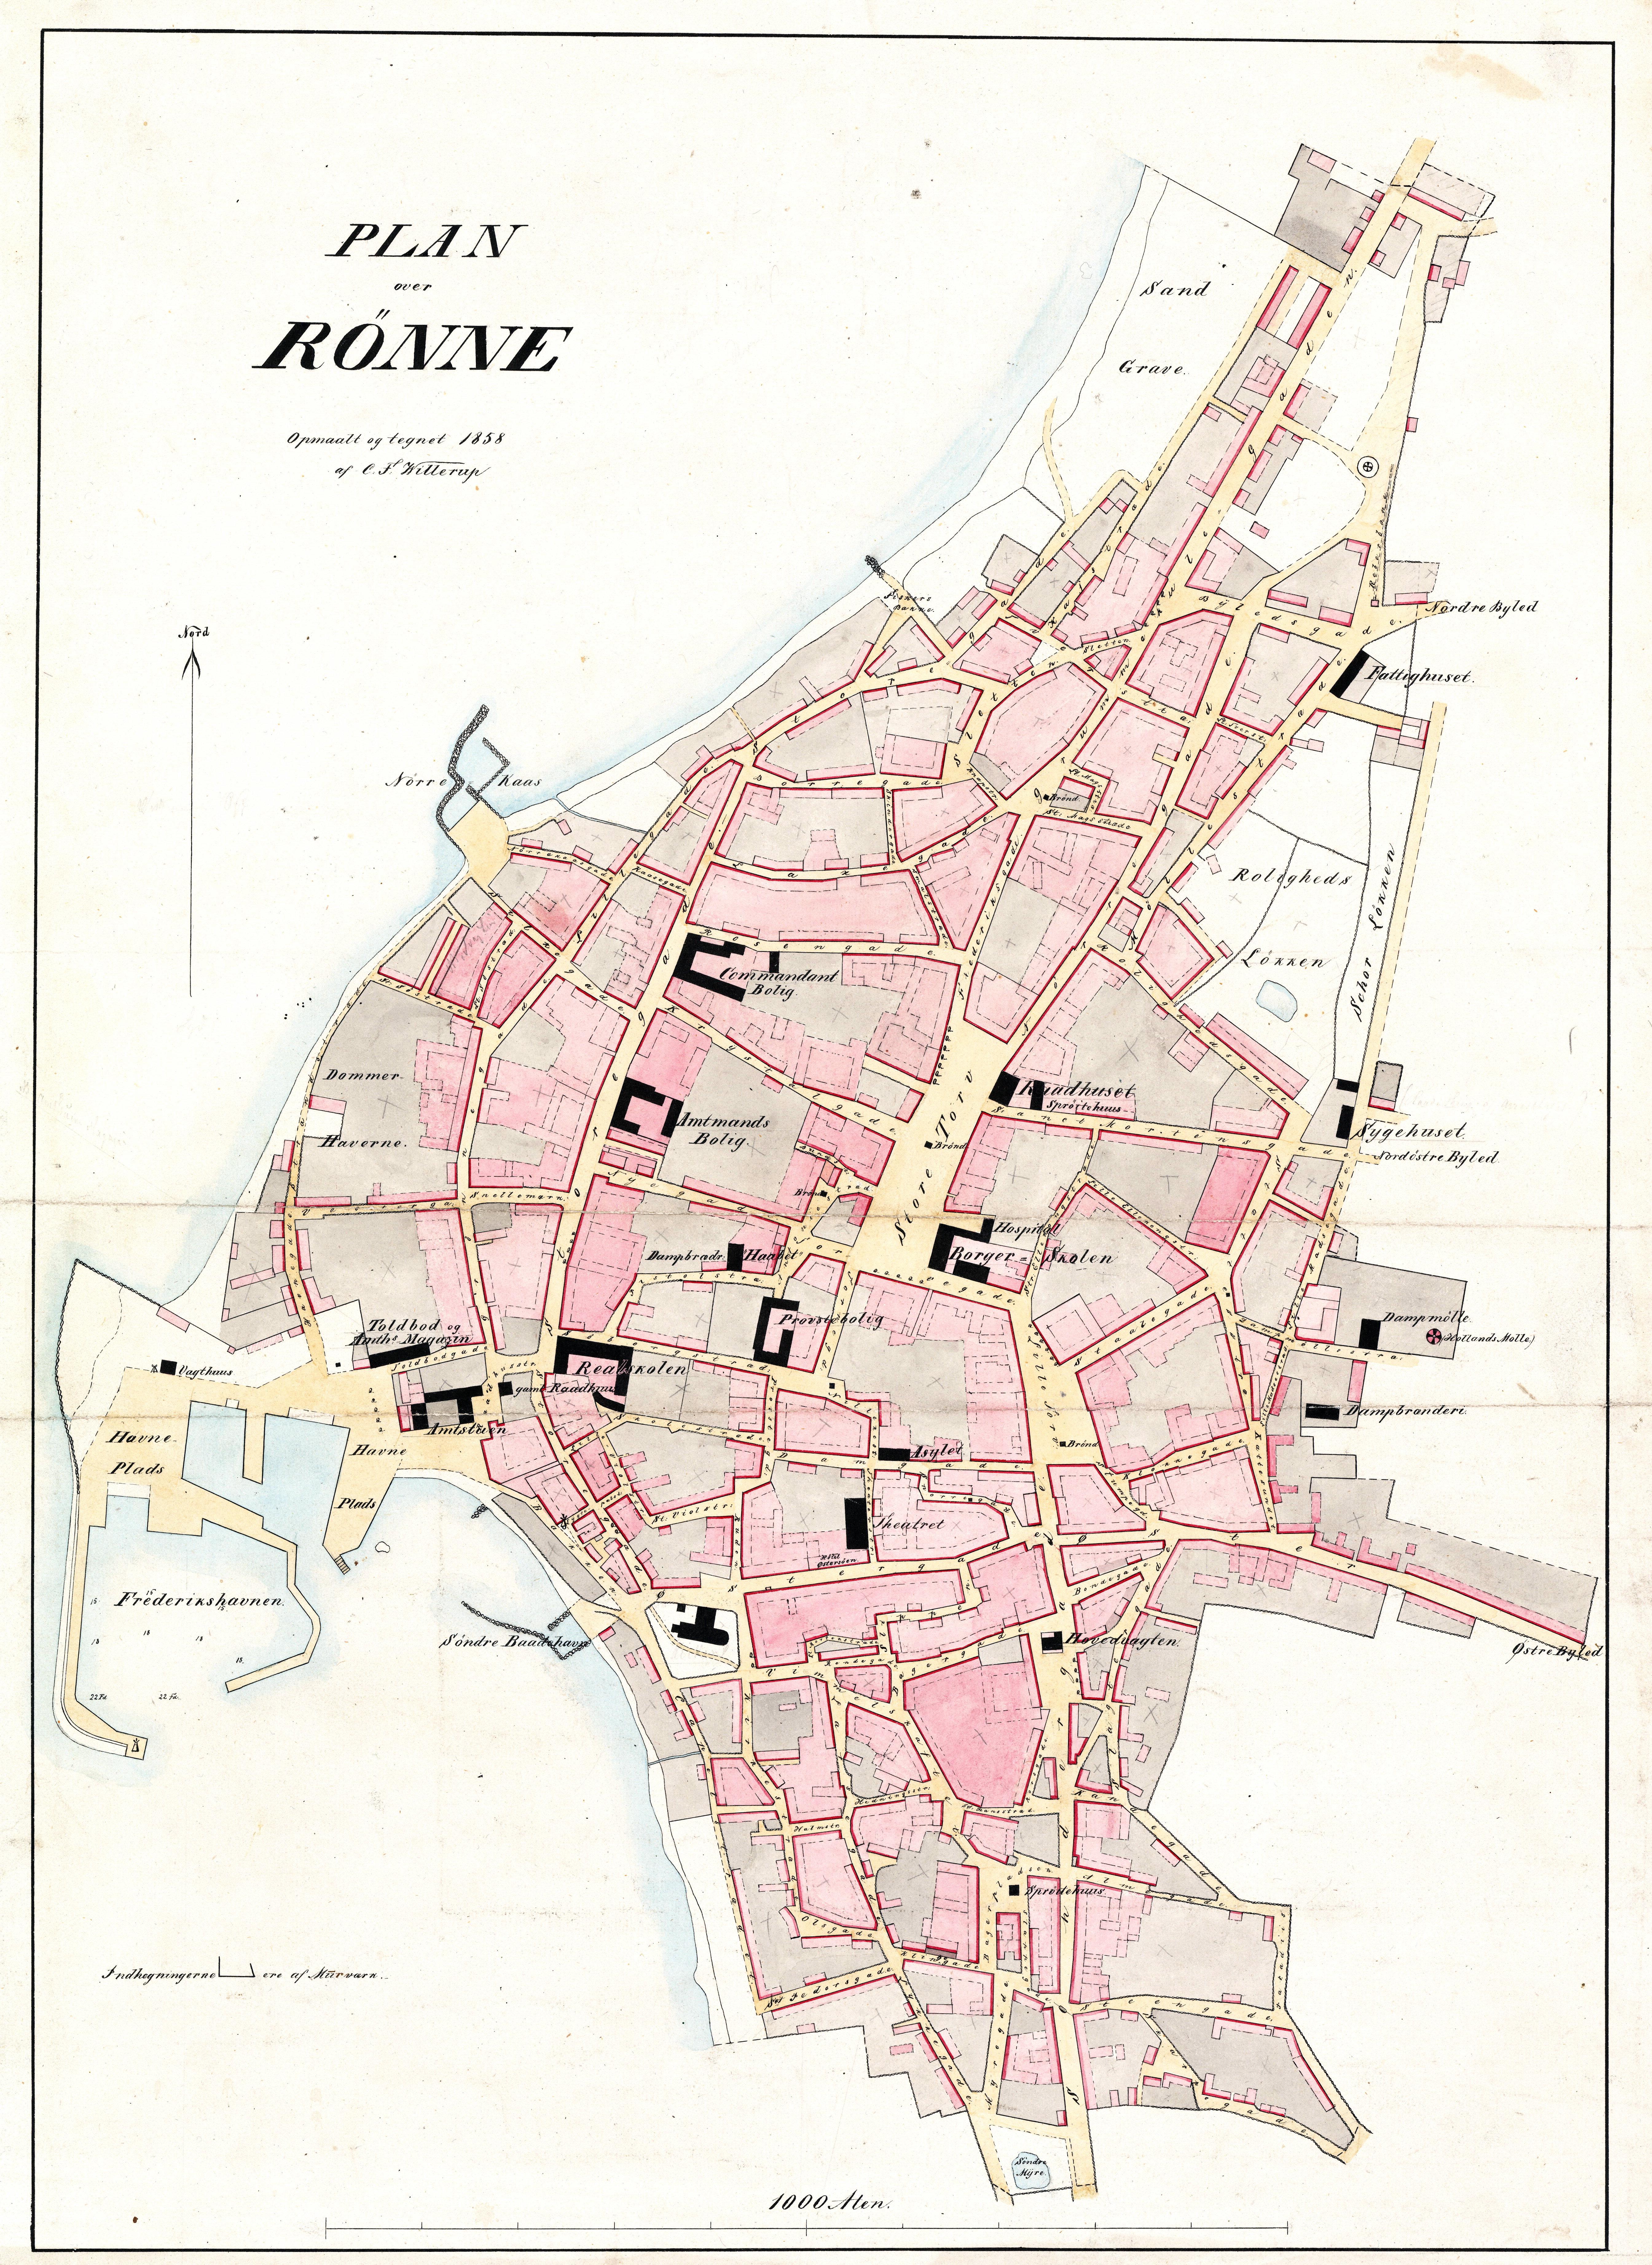 C.F.Willerups opmåling af Rønne købstad 1858